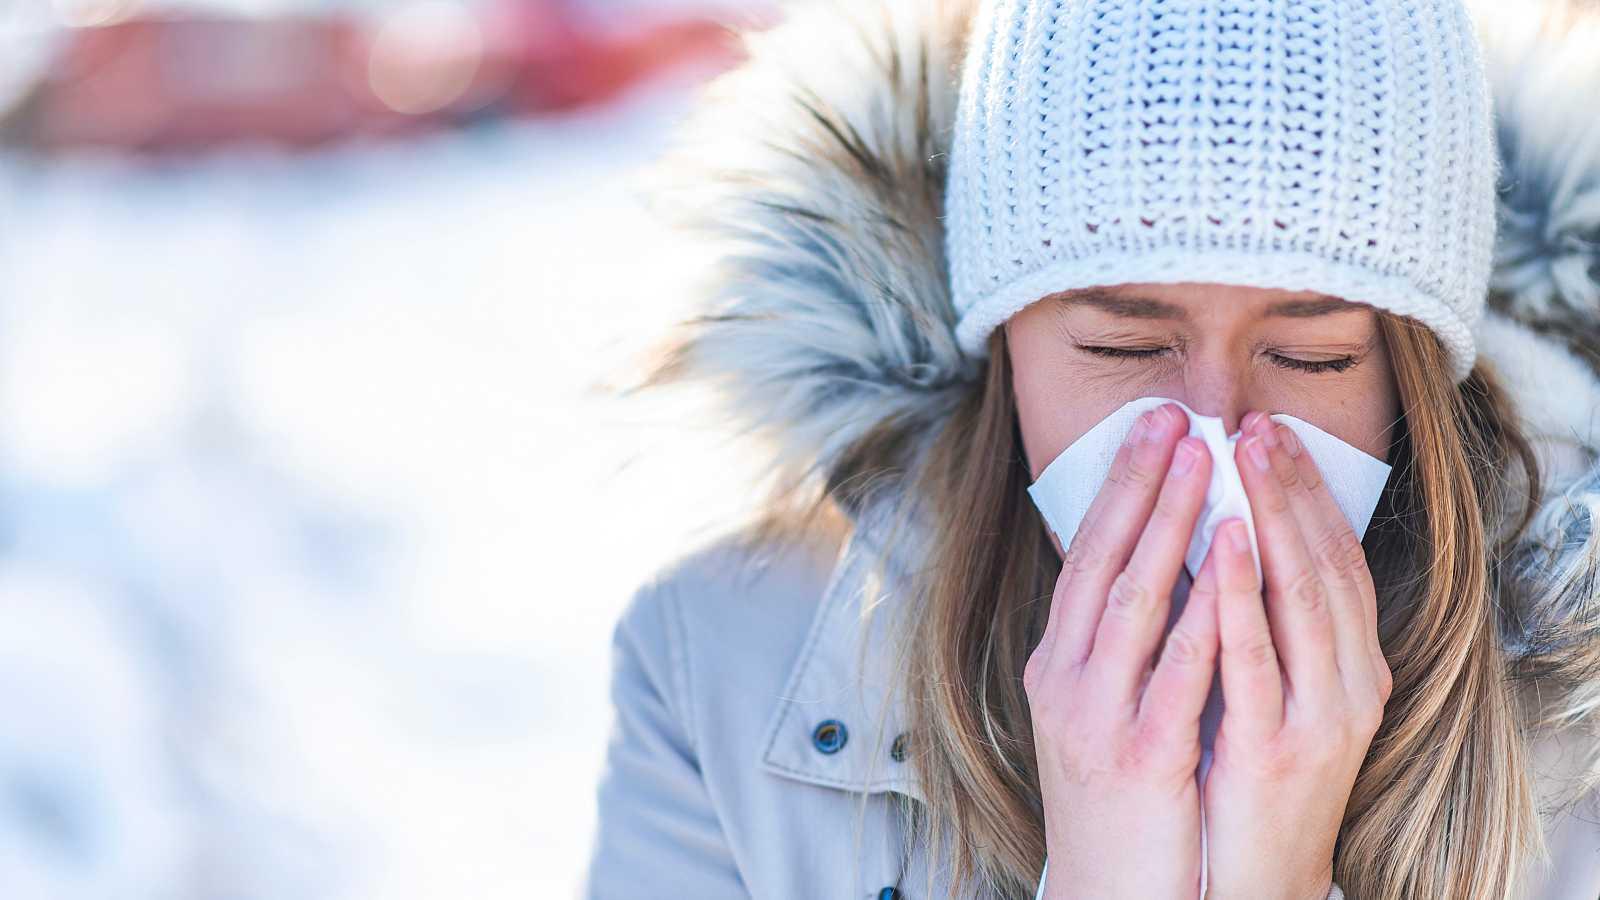 Un estudio sugiere que las infecciones pasadas con coronavirus del resfriado podrían dar lugar a una inmunidad cruzada.